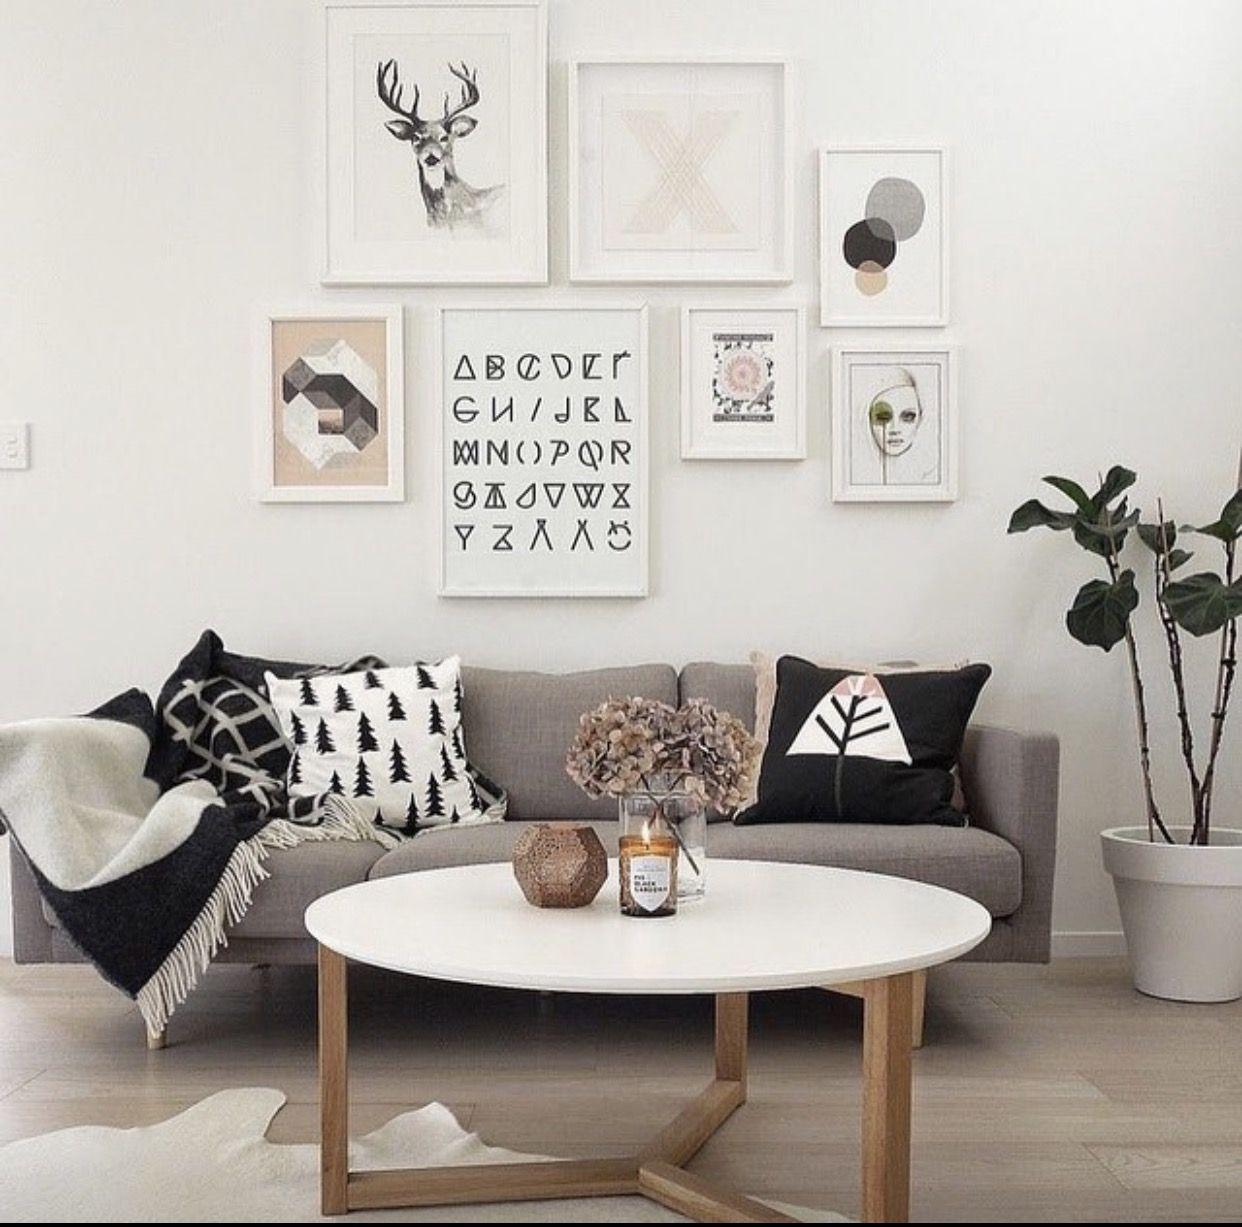 Pin von Ammie auf Home | Pinterest